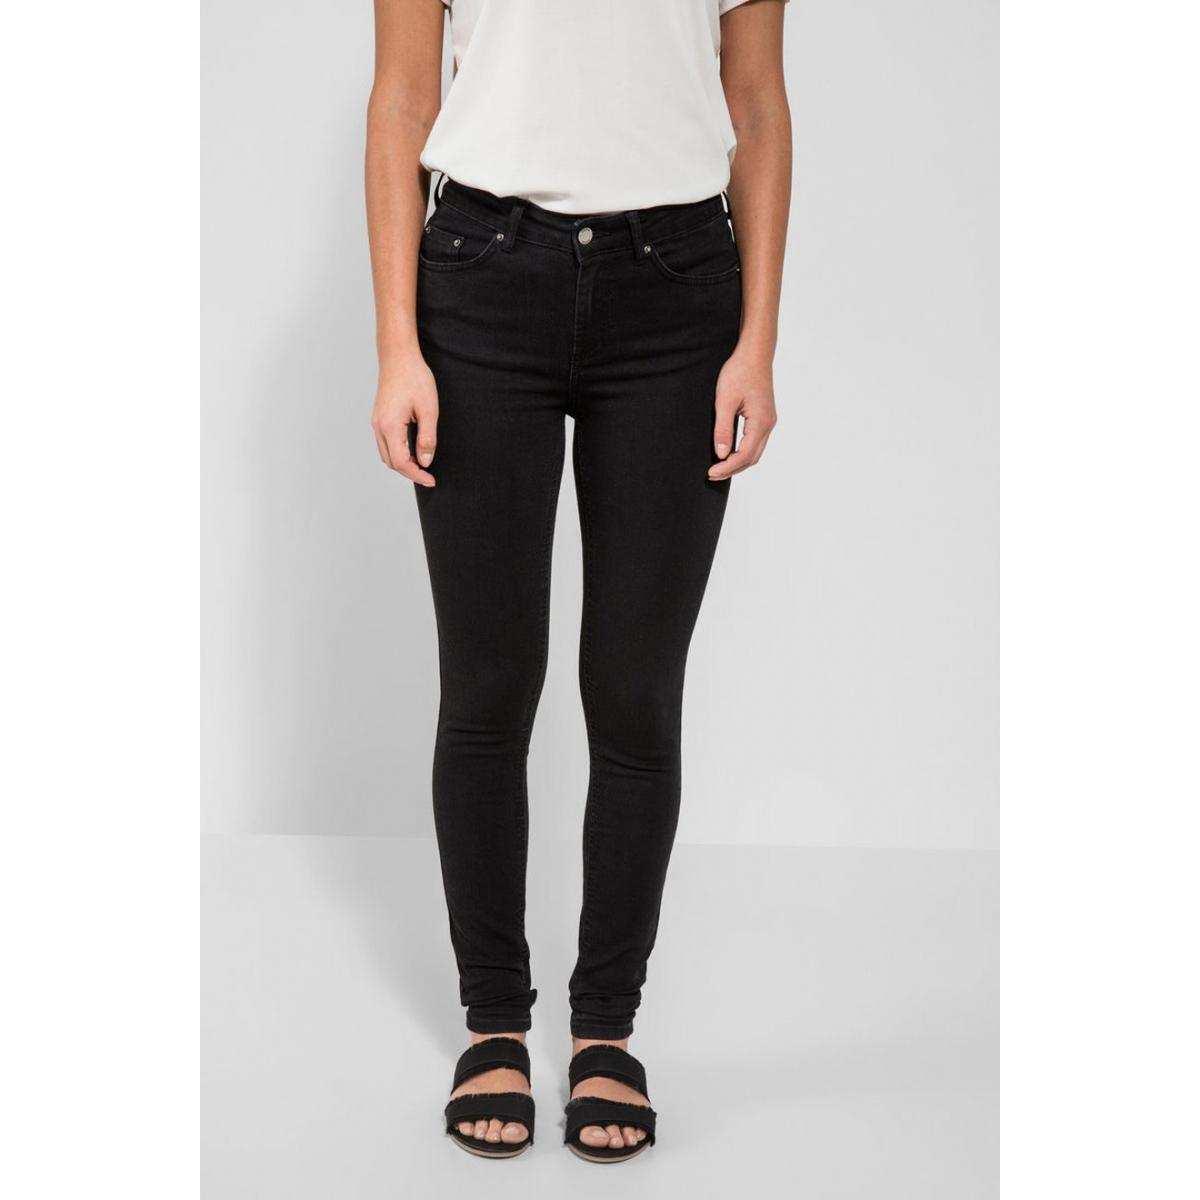 pcskin wear jeggings  black/noos 17079908 pieces legging black